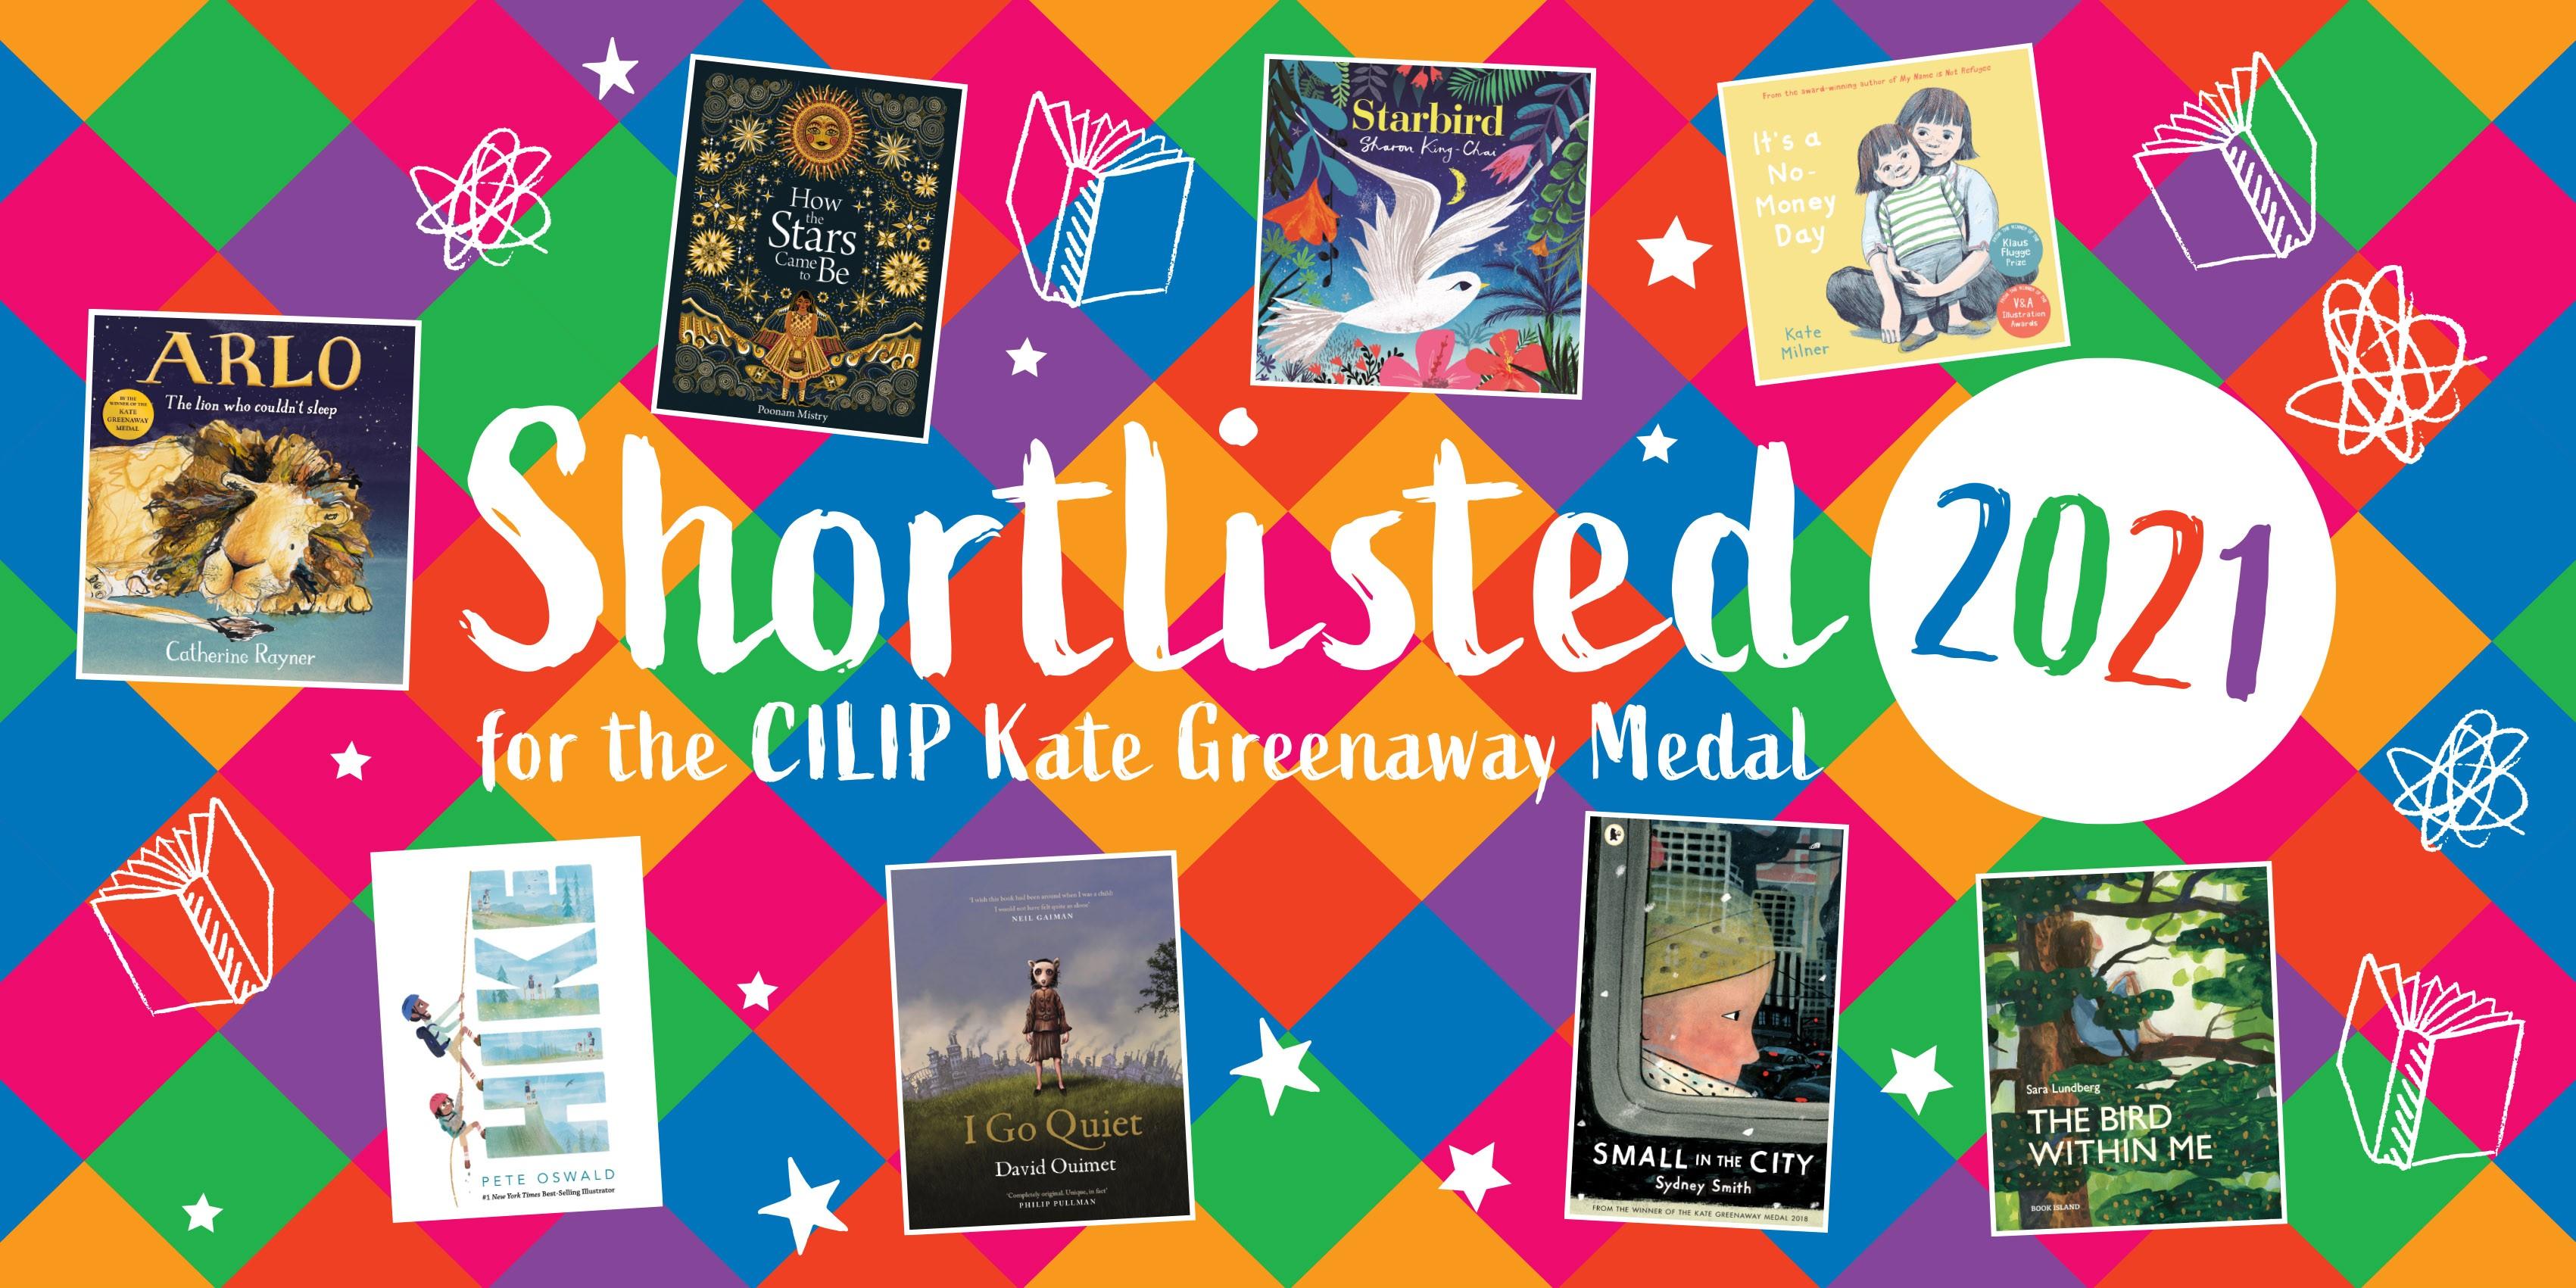 Kate Greenaway Medal shortlist 2021